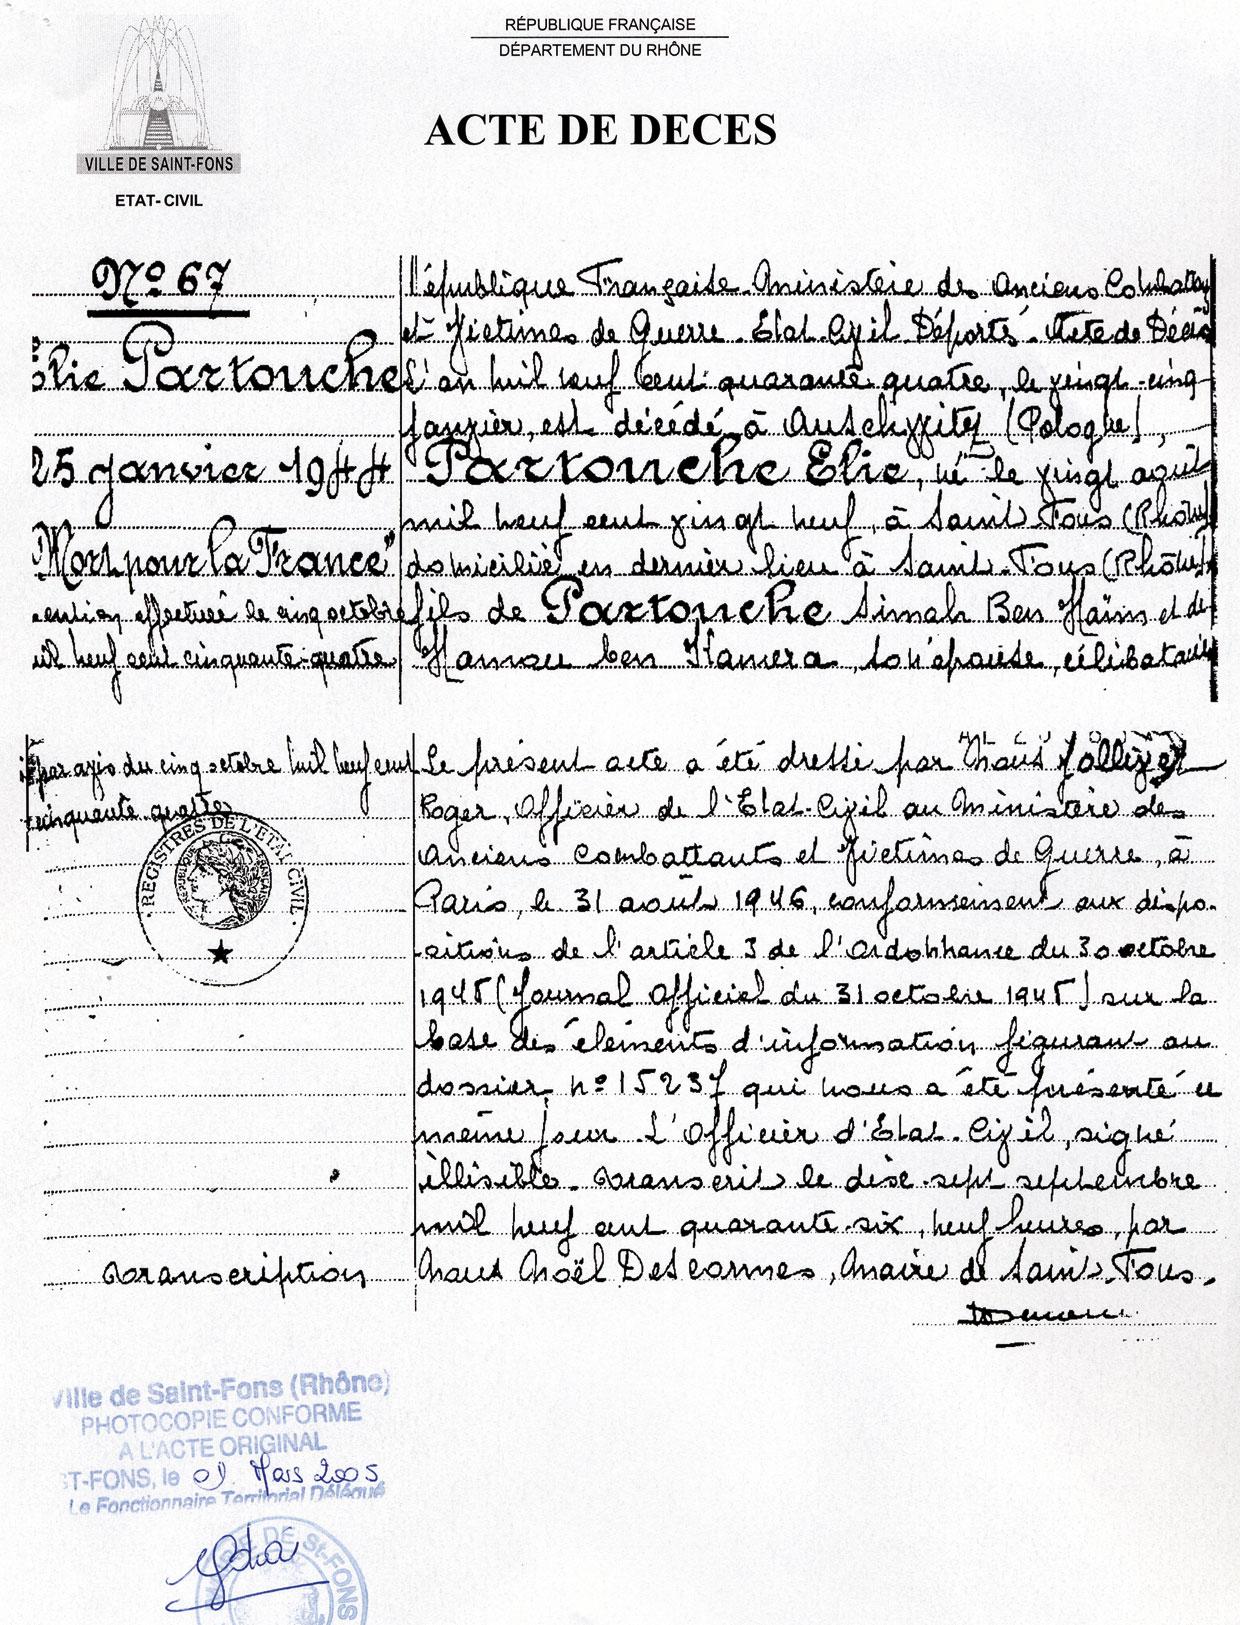 Acte de décès de Elie, Partouche, Saint-Fons